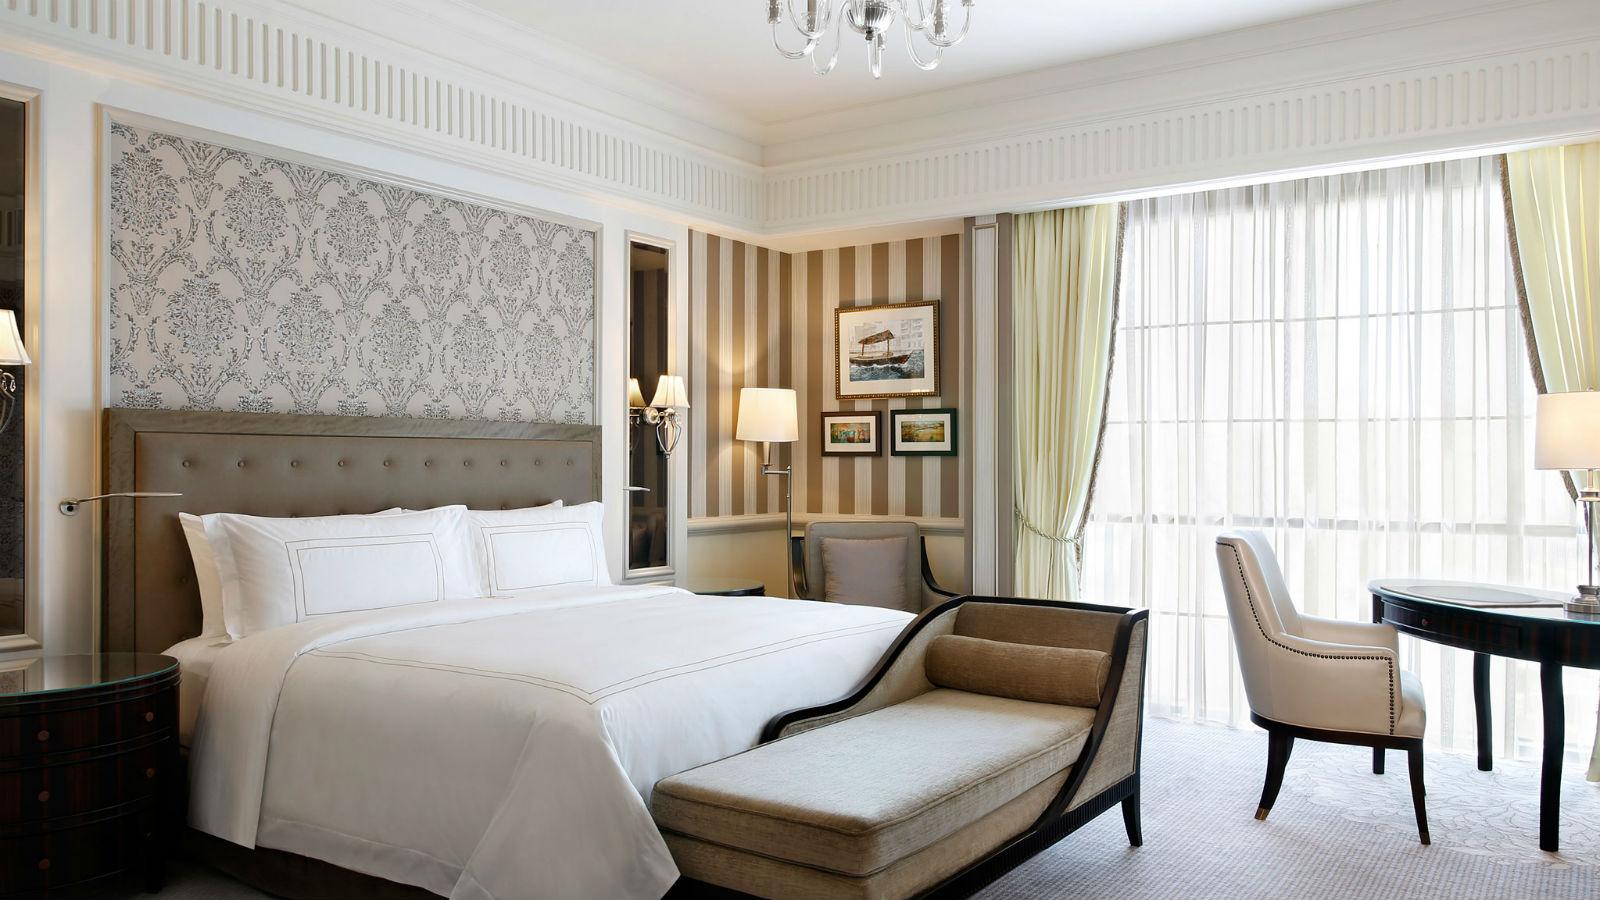 Luxury Hotel Rooms At St Regis Hotel Dubai